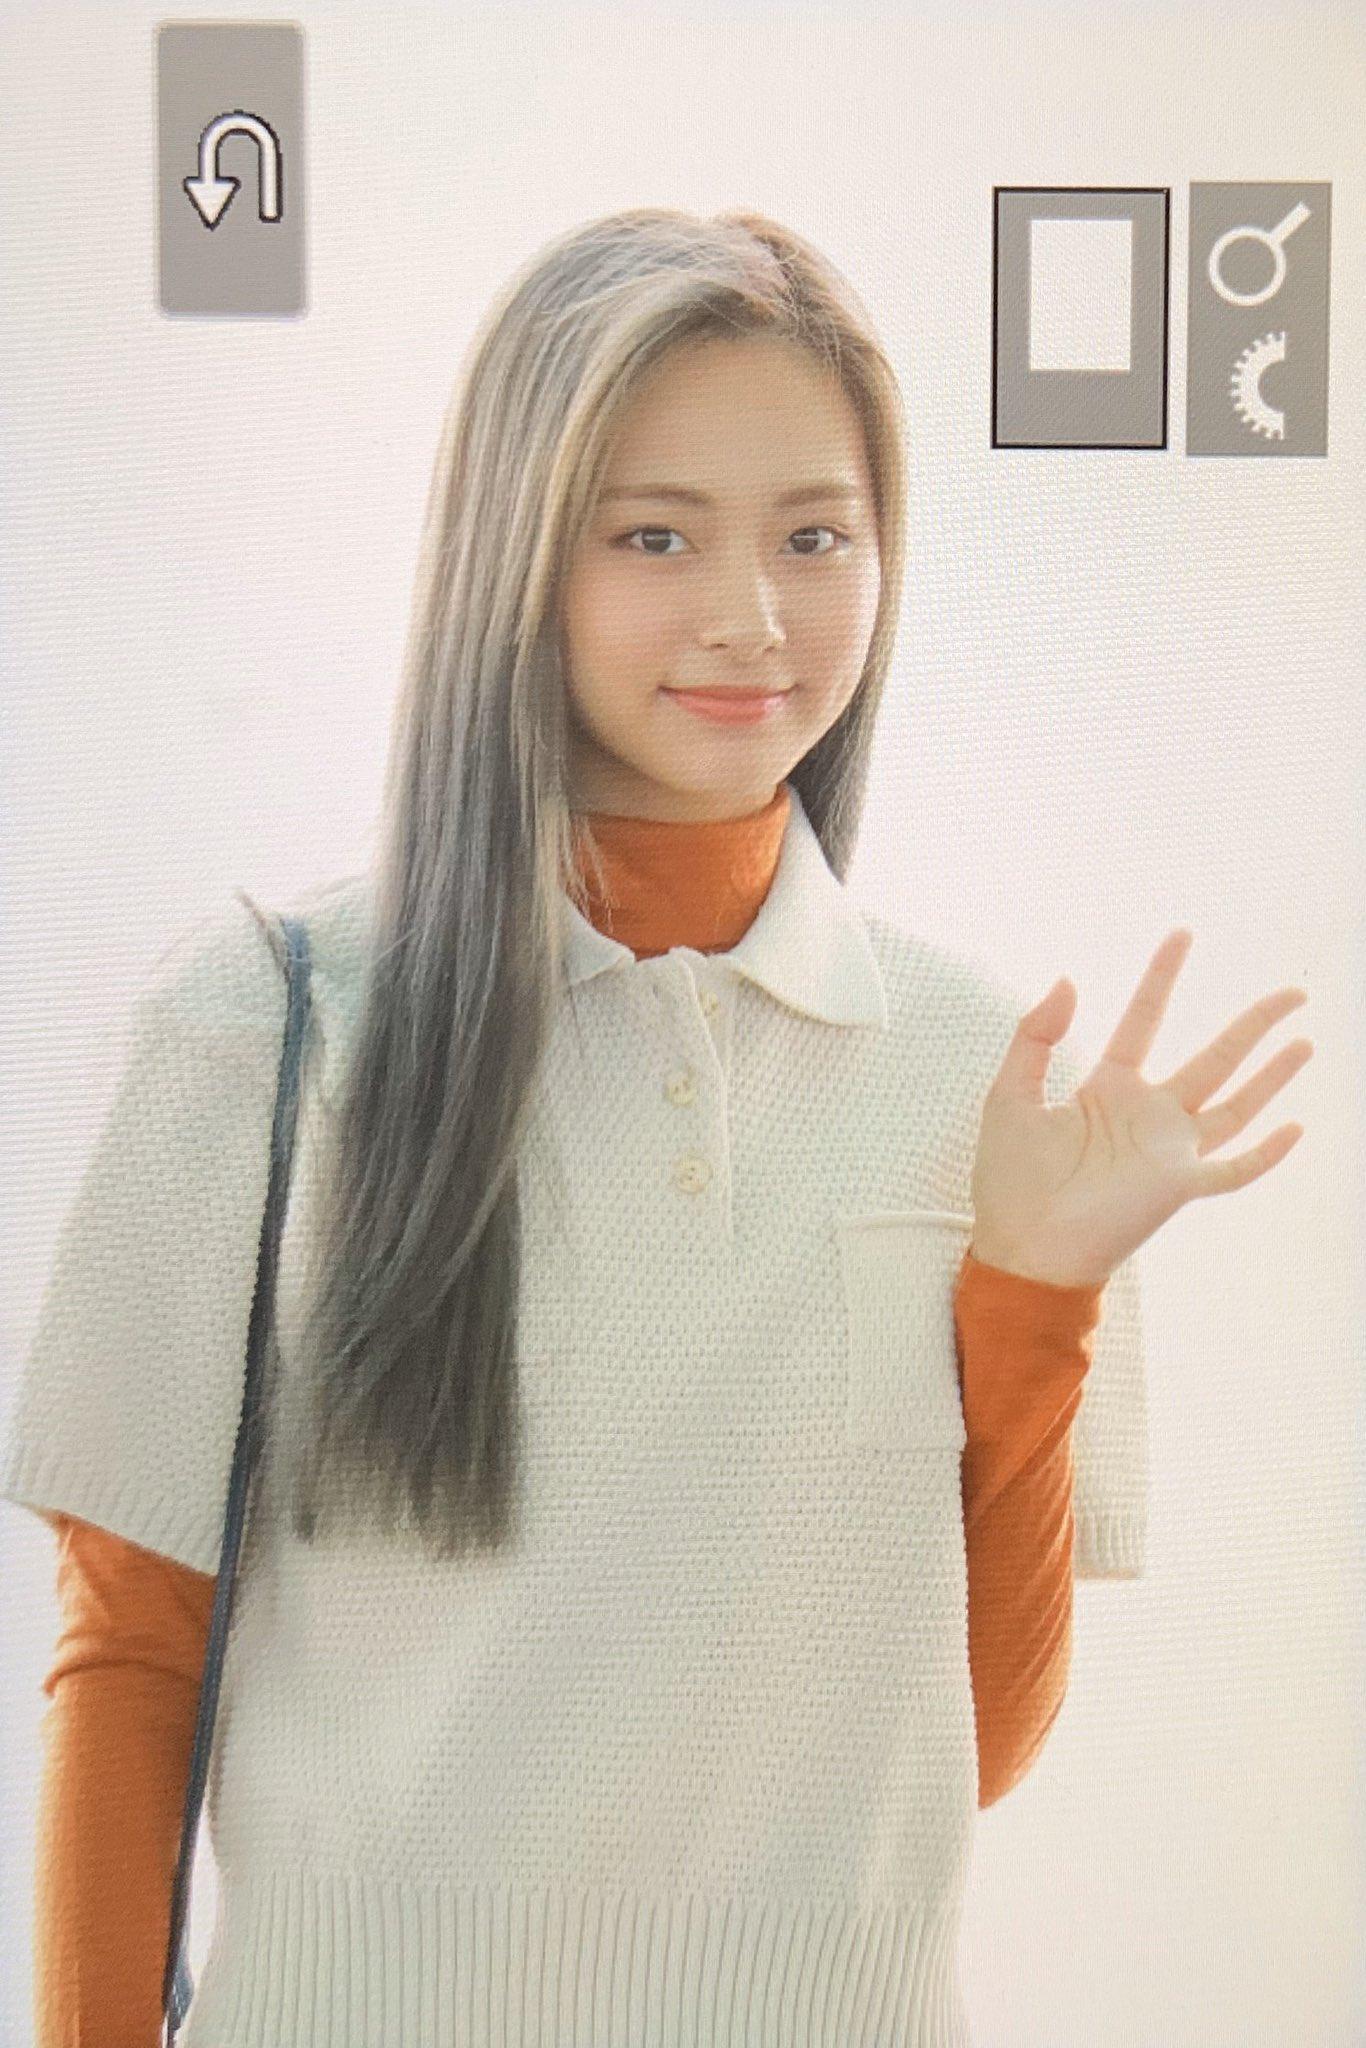 Long Sleeve Under Short Sleeve Shirt Tzuyu Allkpop Forums